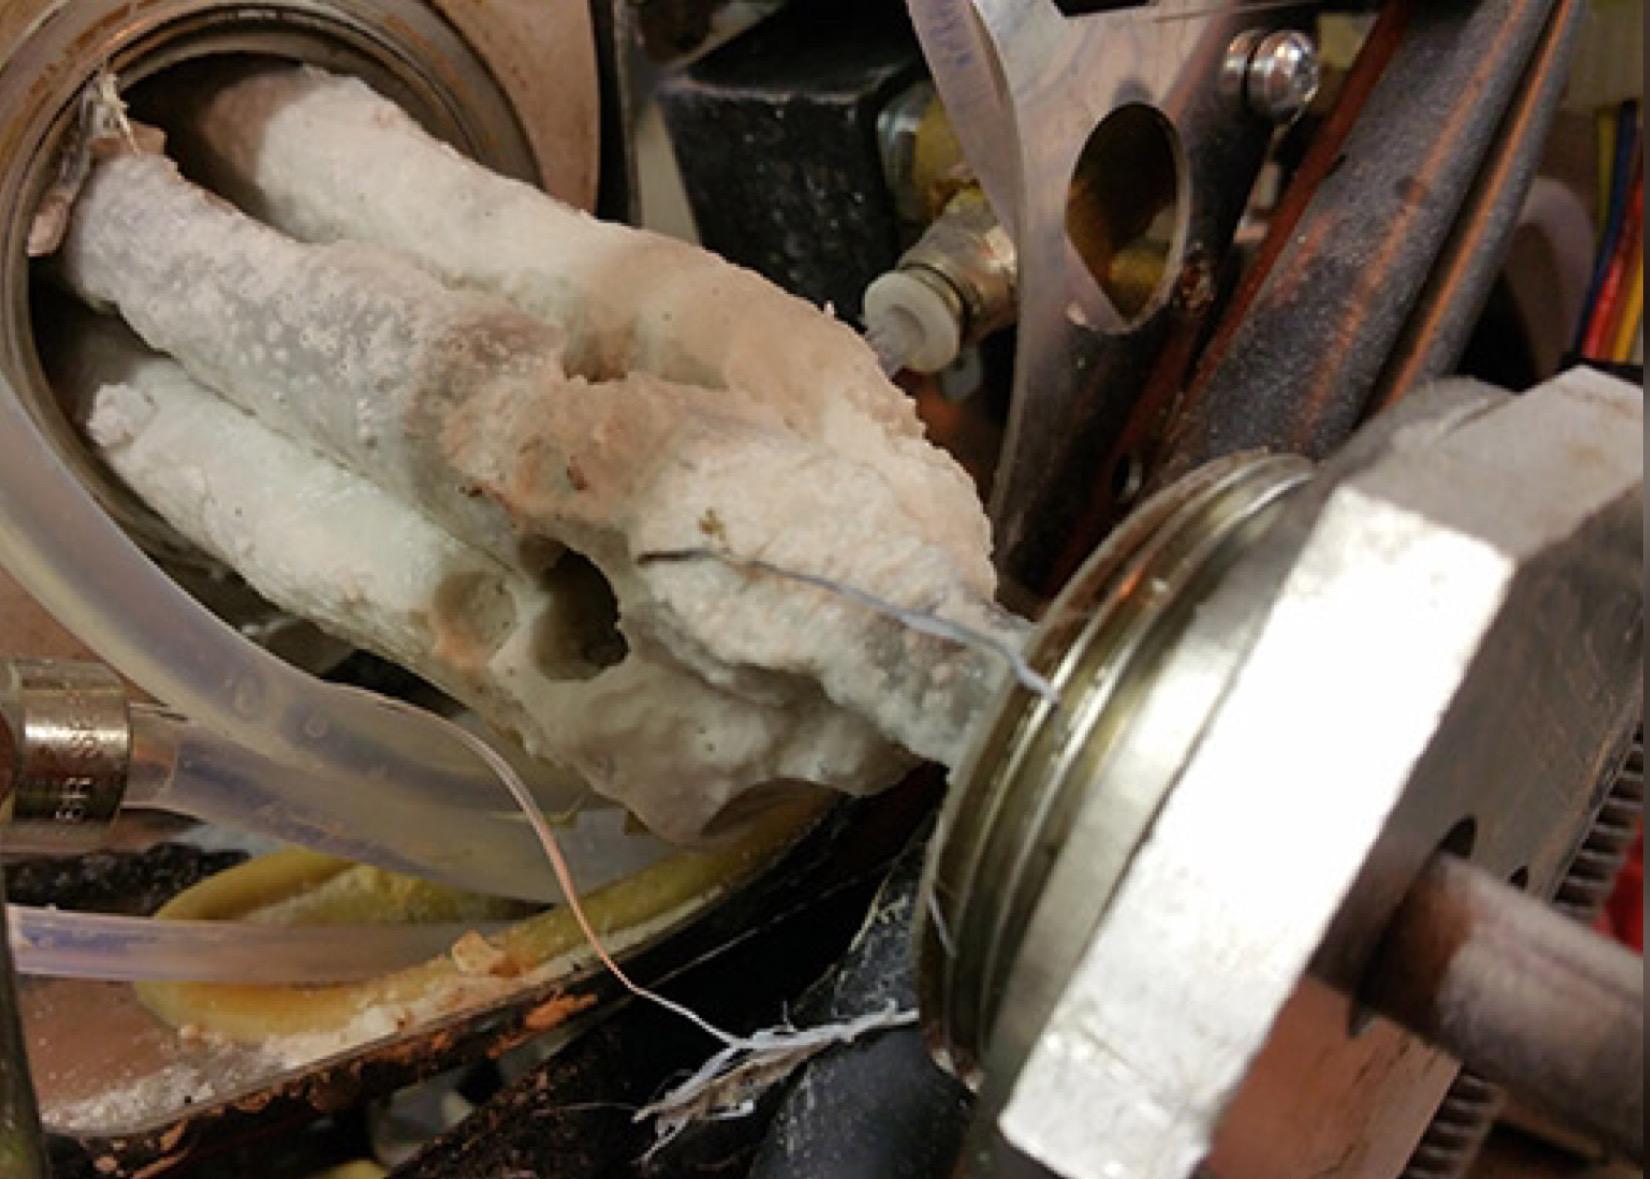 عواقب نداشتن دستگاه تصفیه آب برای قهوه اسپرسو